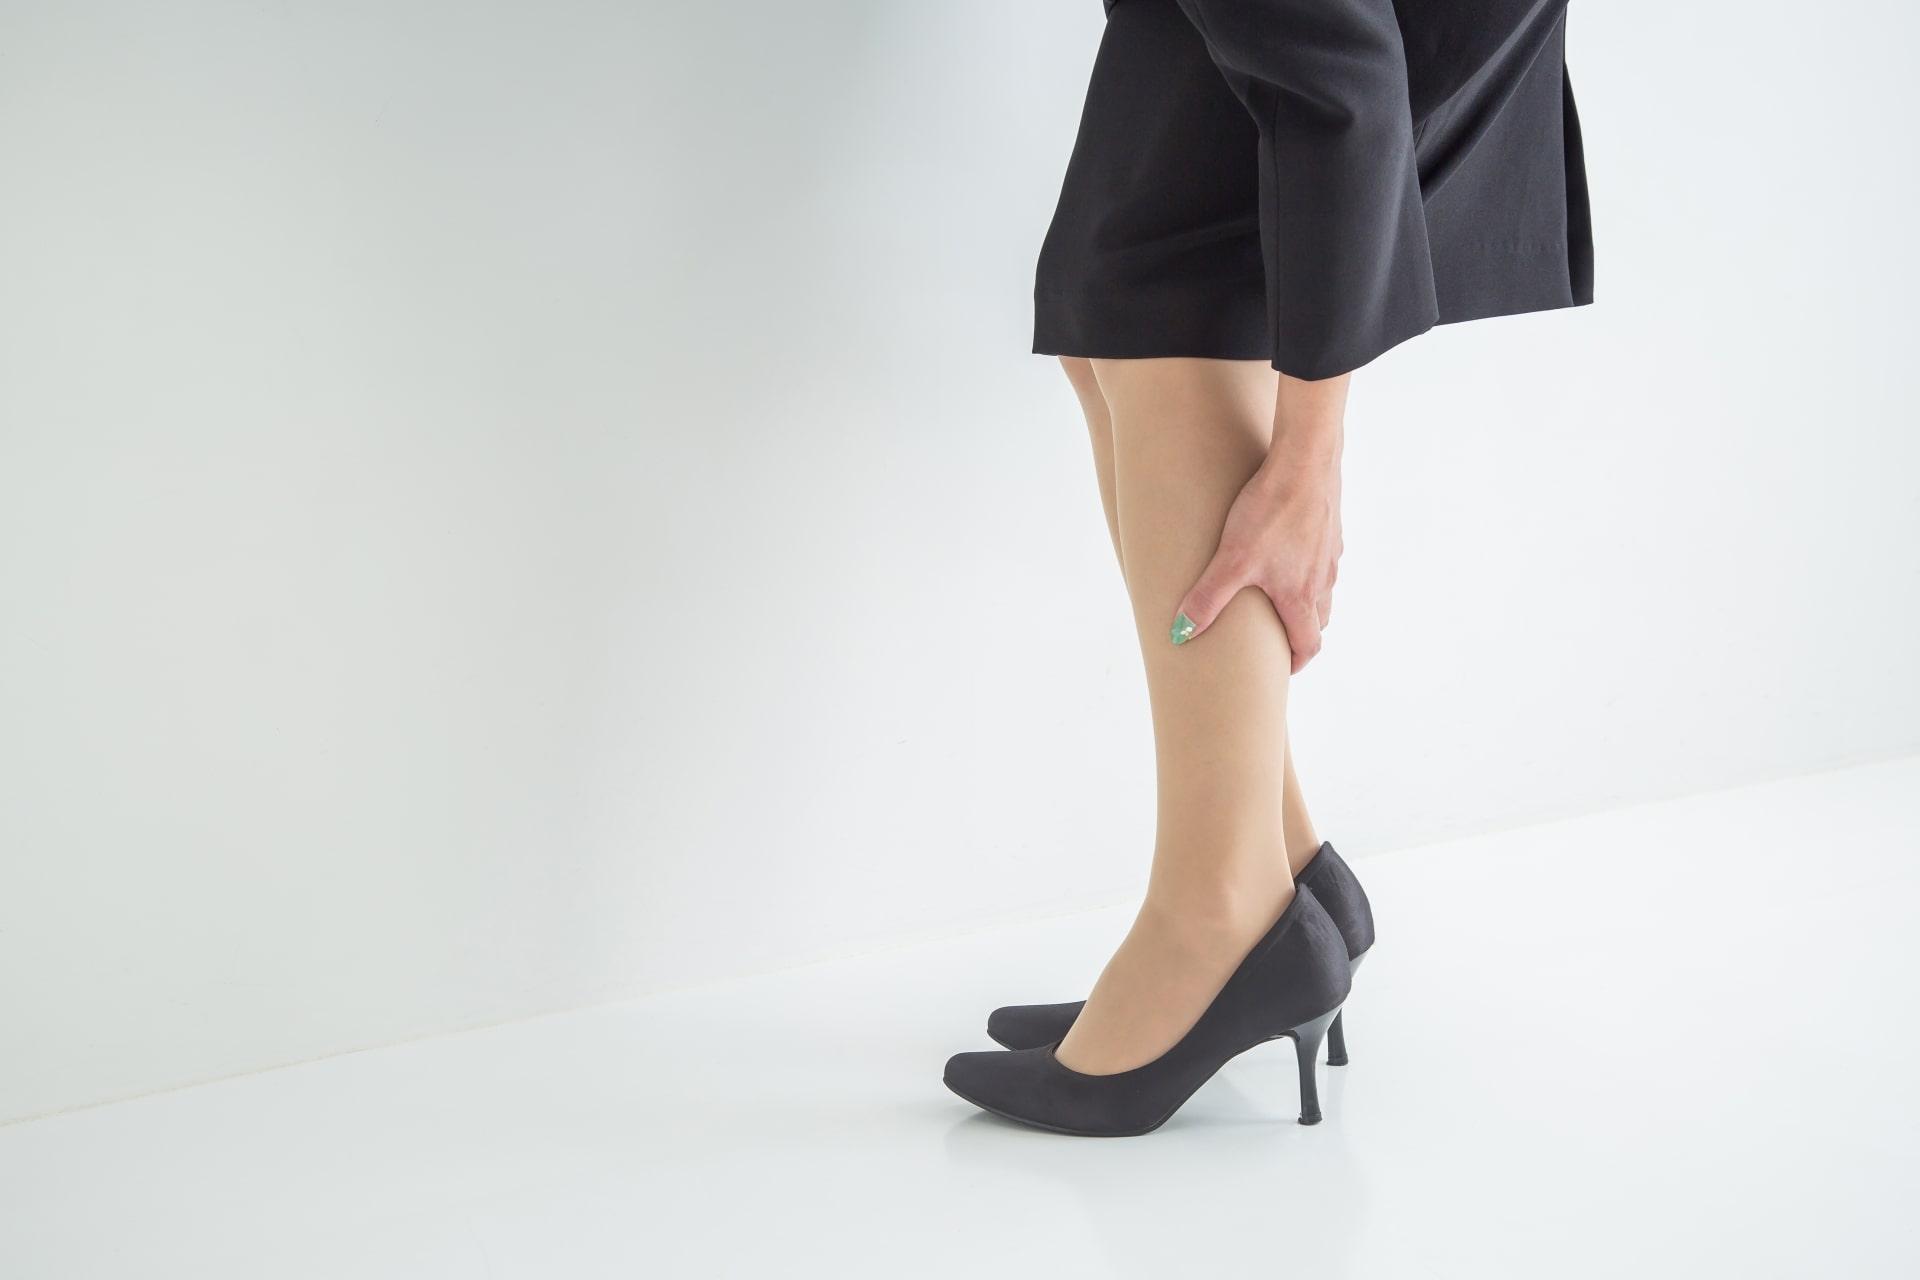 足を押さえる女性